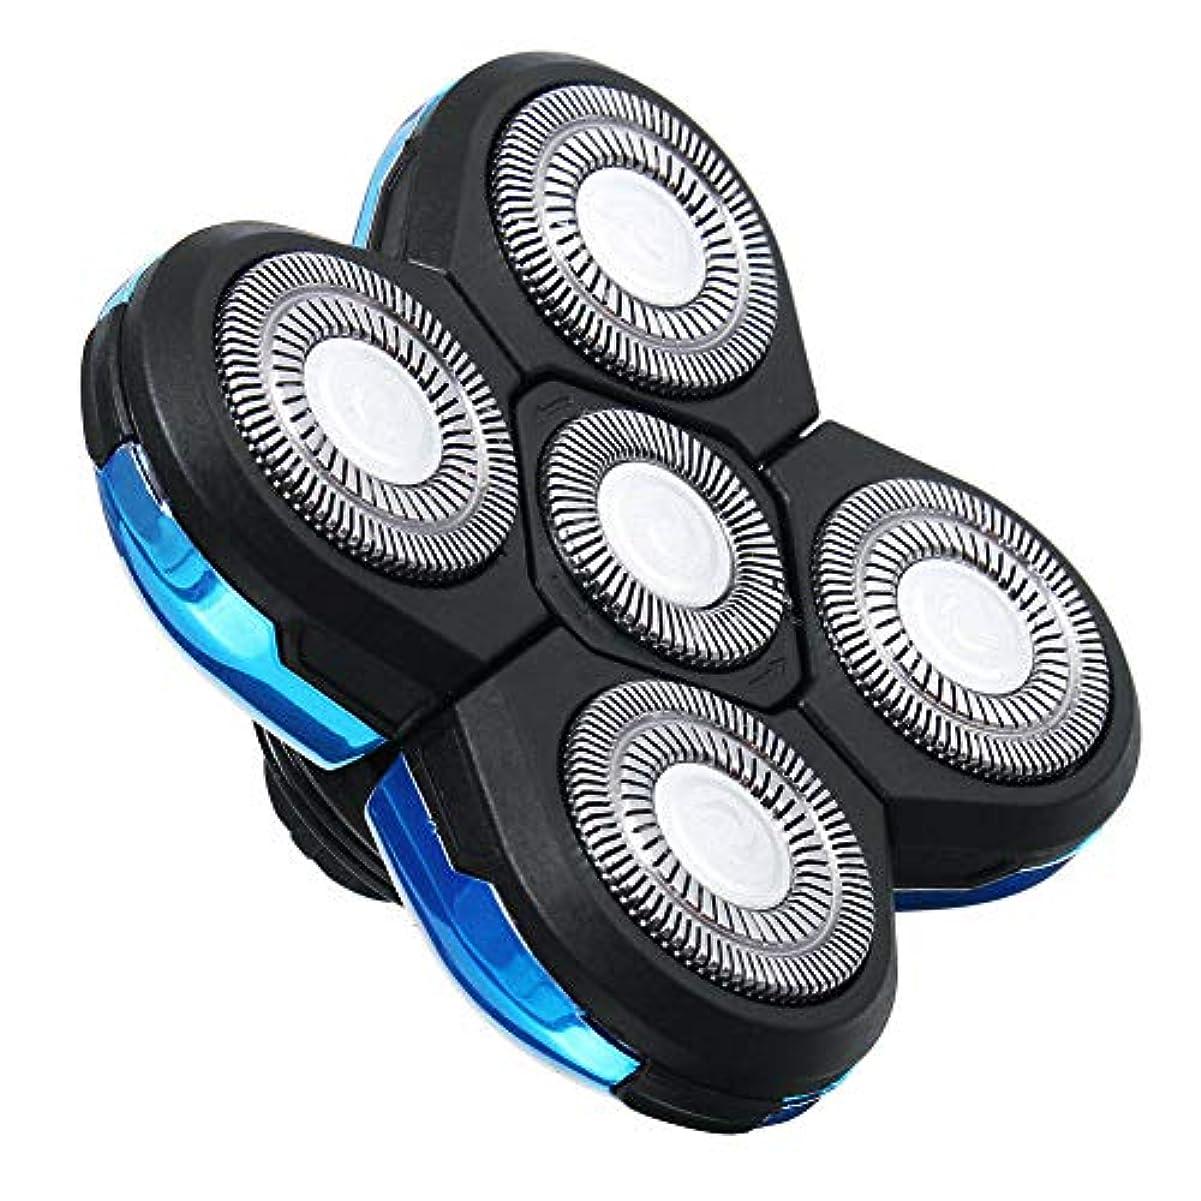 ケーキ職業不名誉なシェーバー5 s電気かみそり高速ひげカッター交換耐久性のあるヘアトリマーダブルリング簡単インストールフローティング実用シェービングブレードユニバーサル(ブルー)